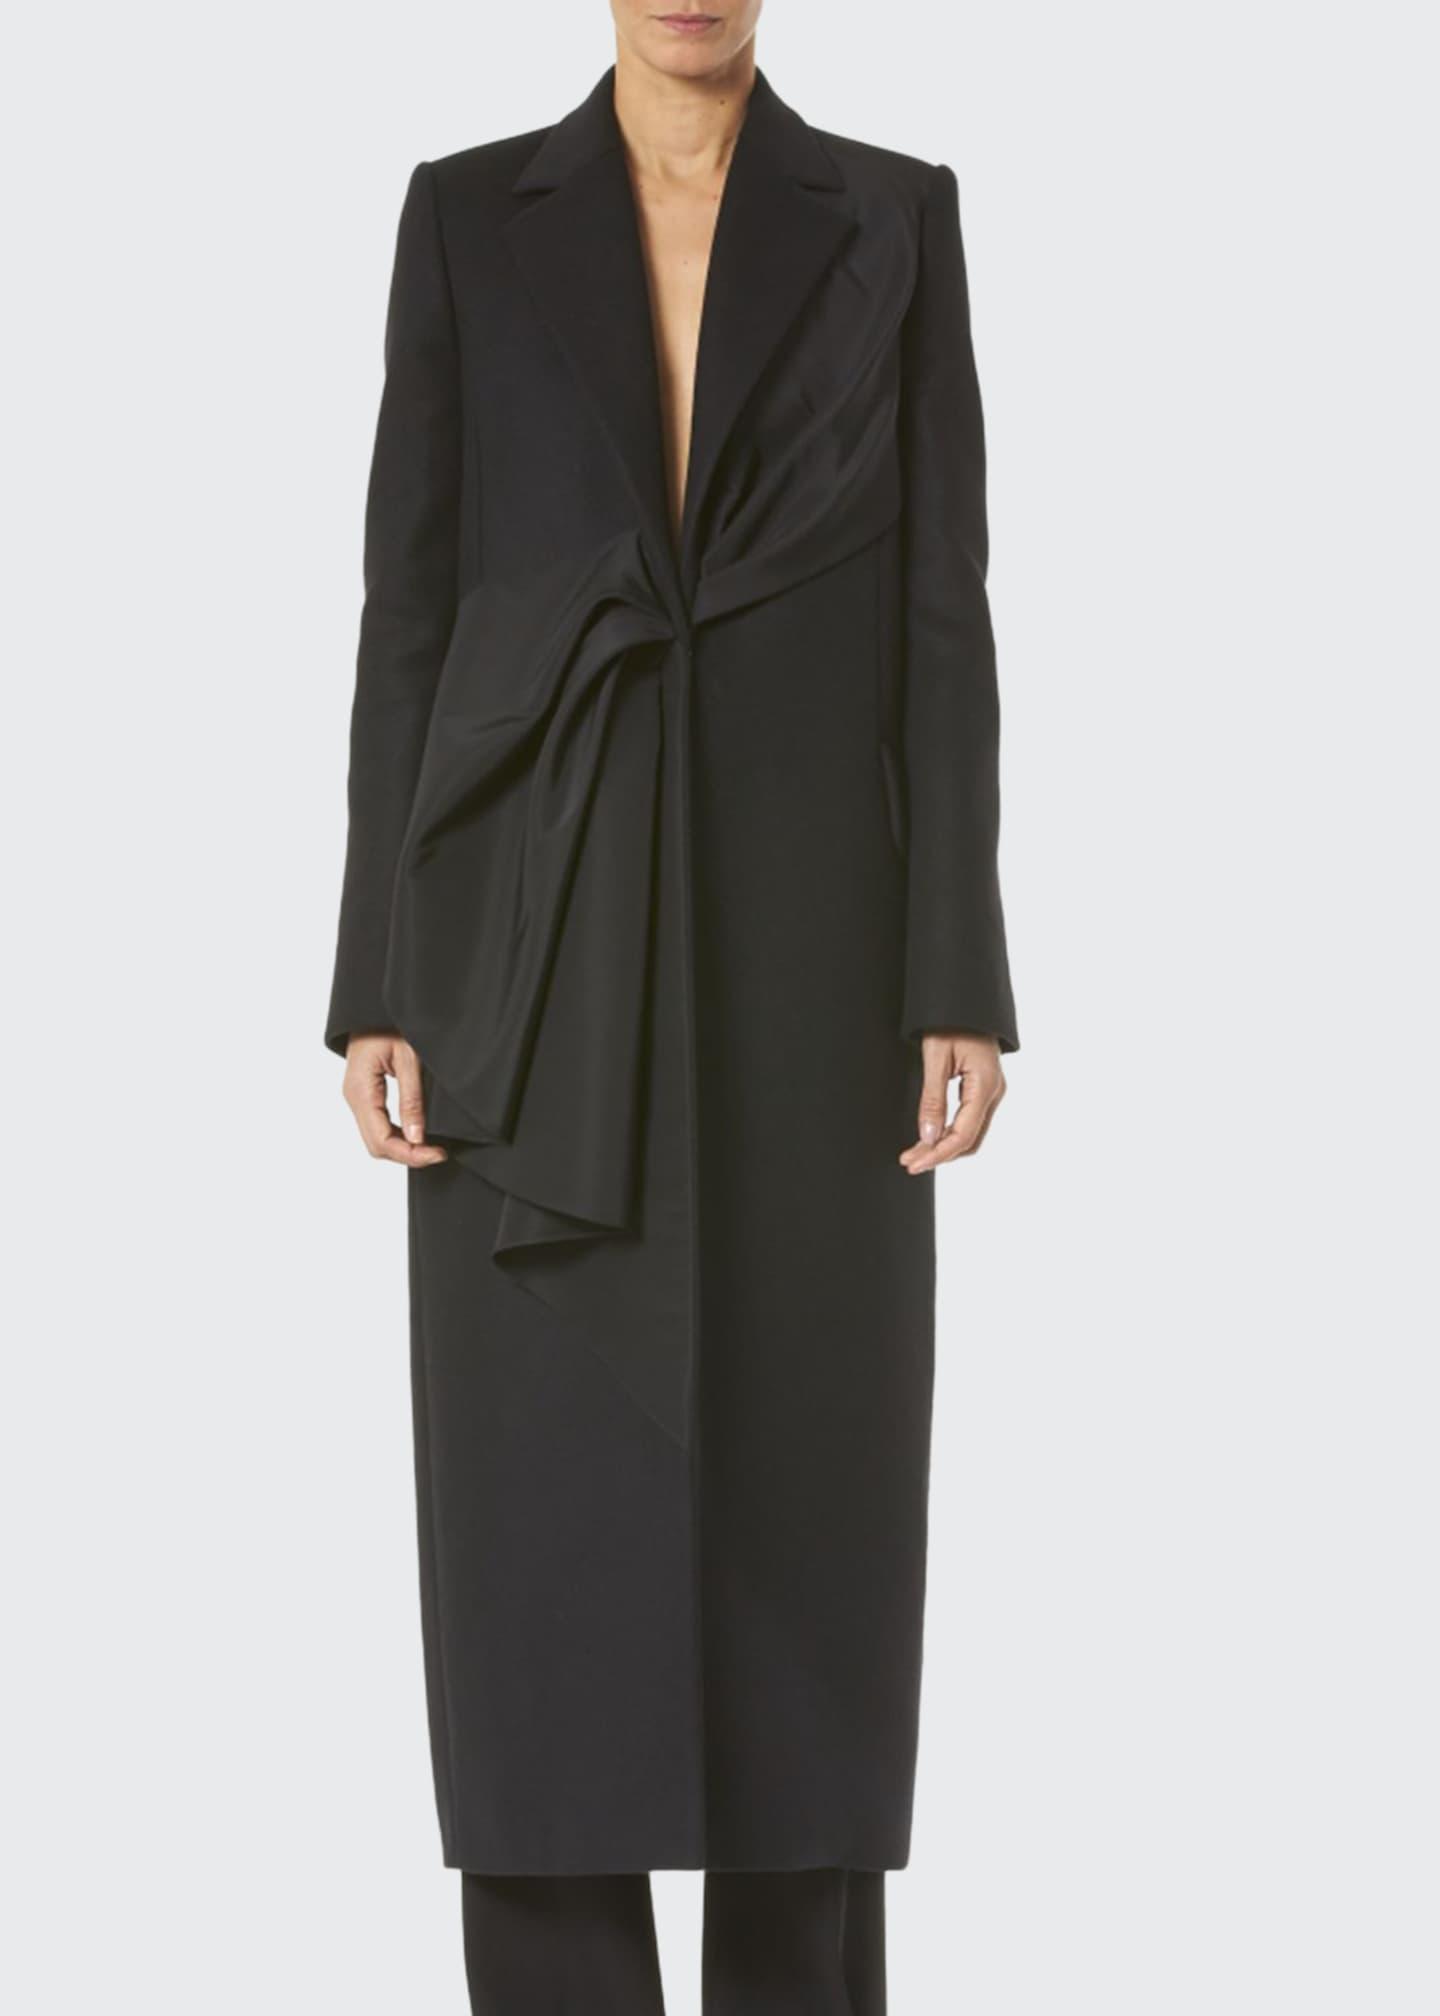 Carolina Herrera Asymmetric Draped Ruffled Coat